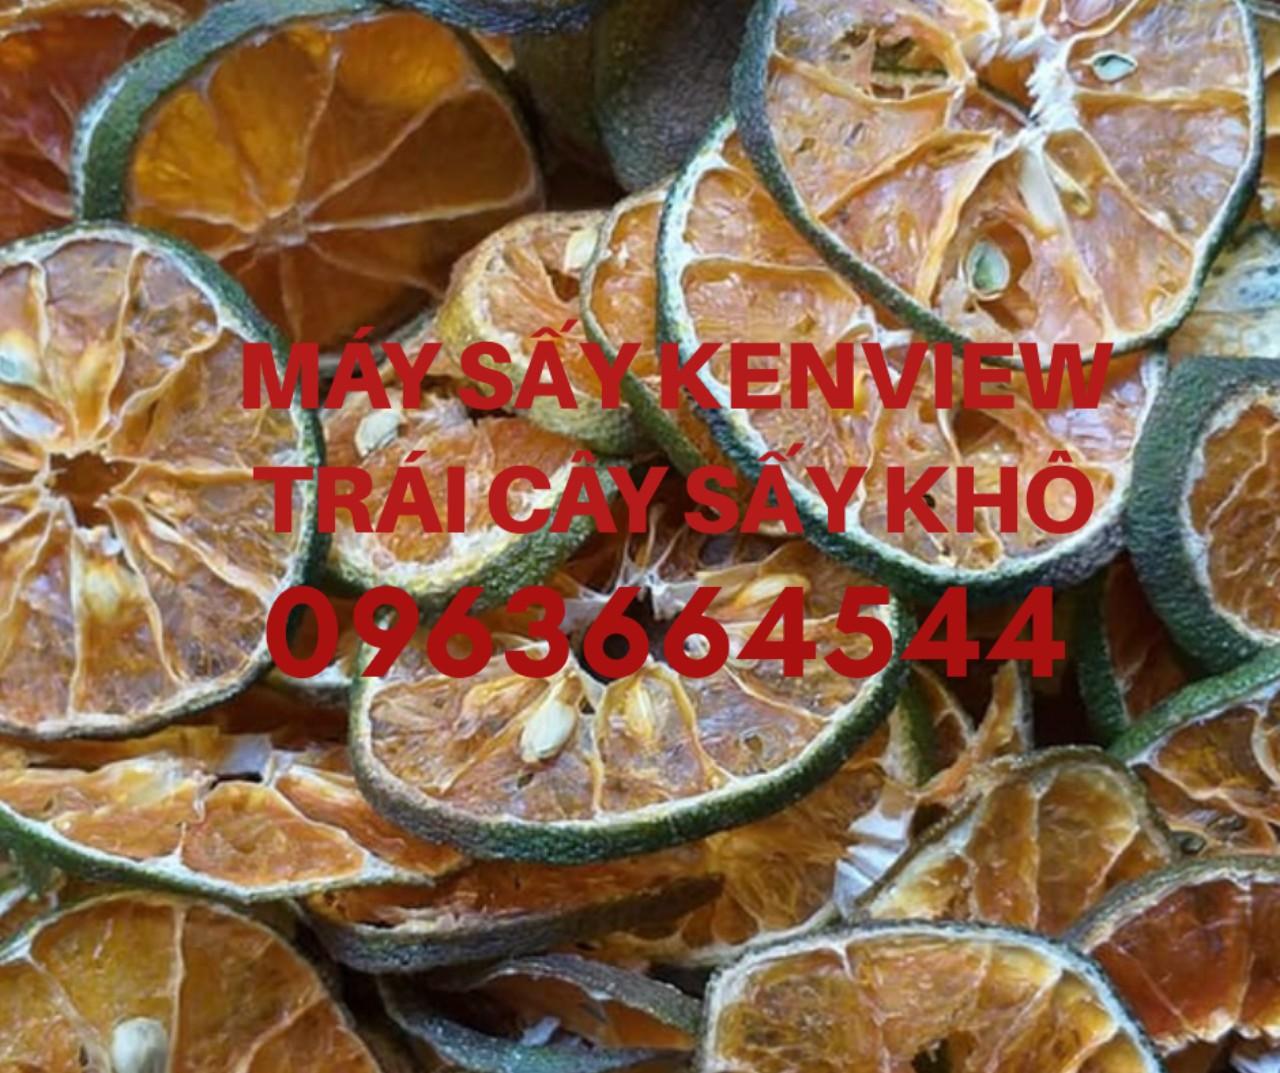 Máy sấy trái cây, hoa quả gia đình và công nghiệp 0963664544